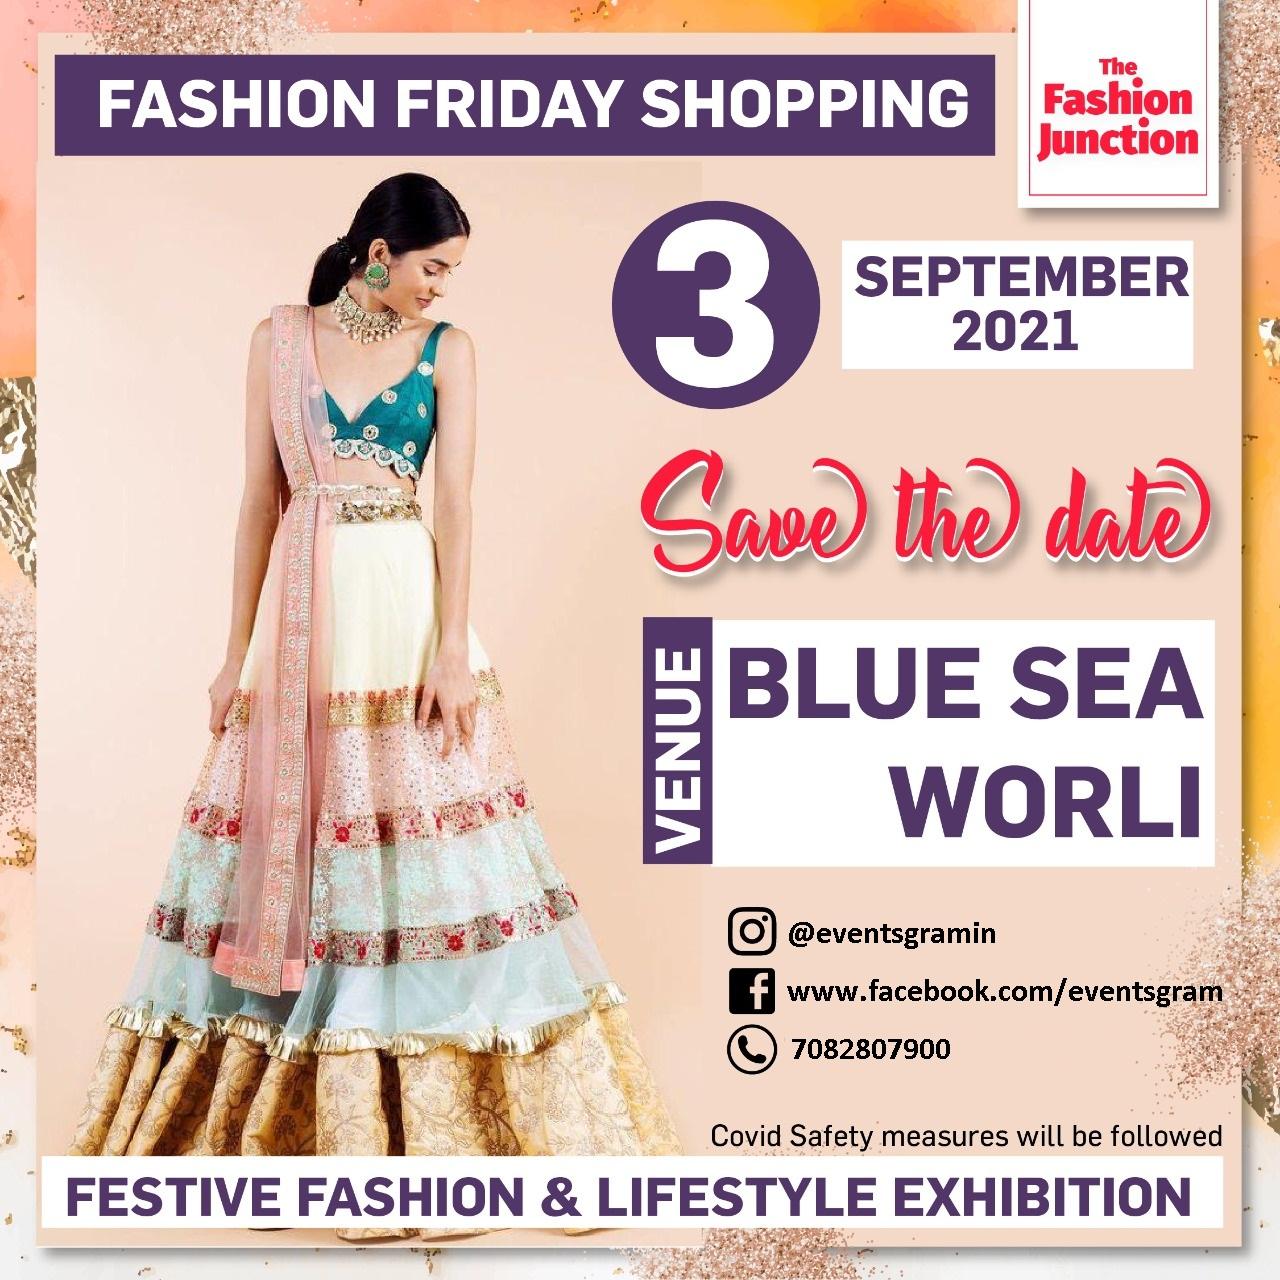 Festive Fashion Friday